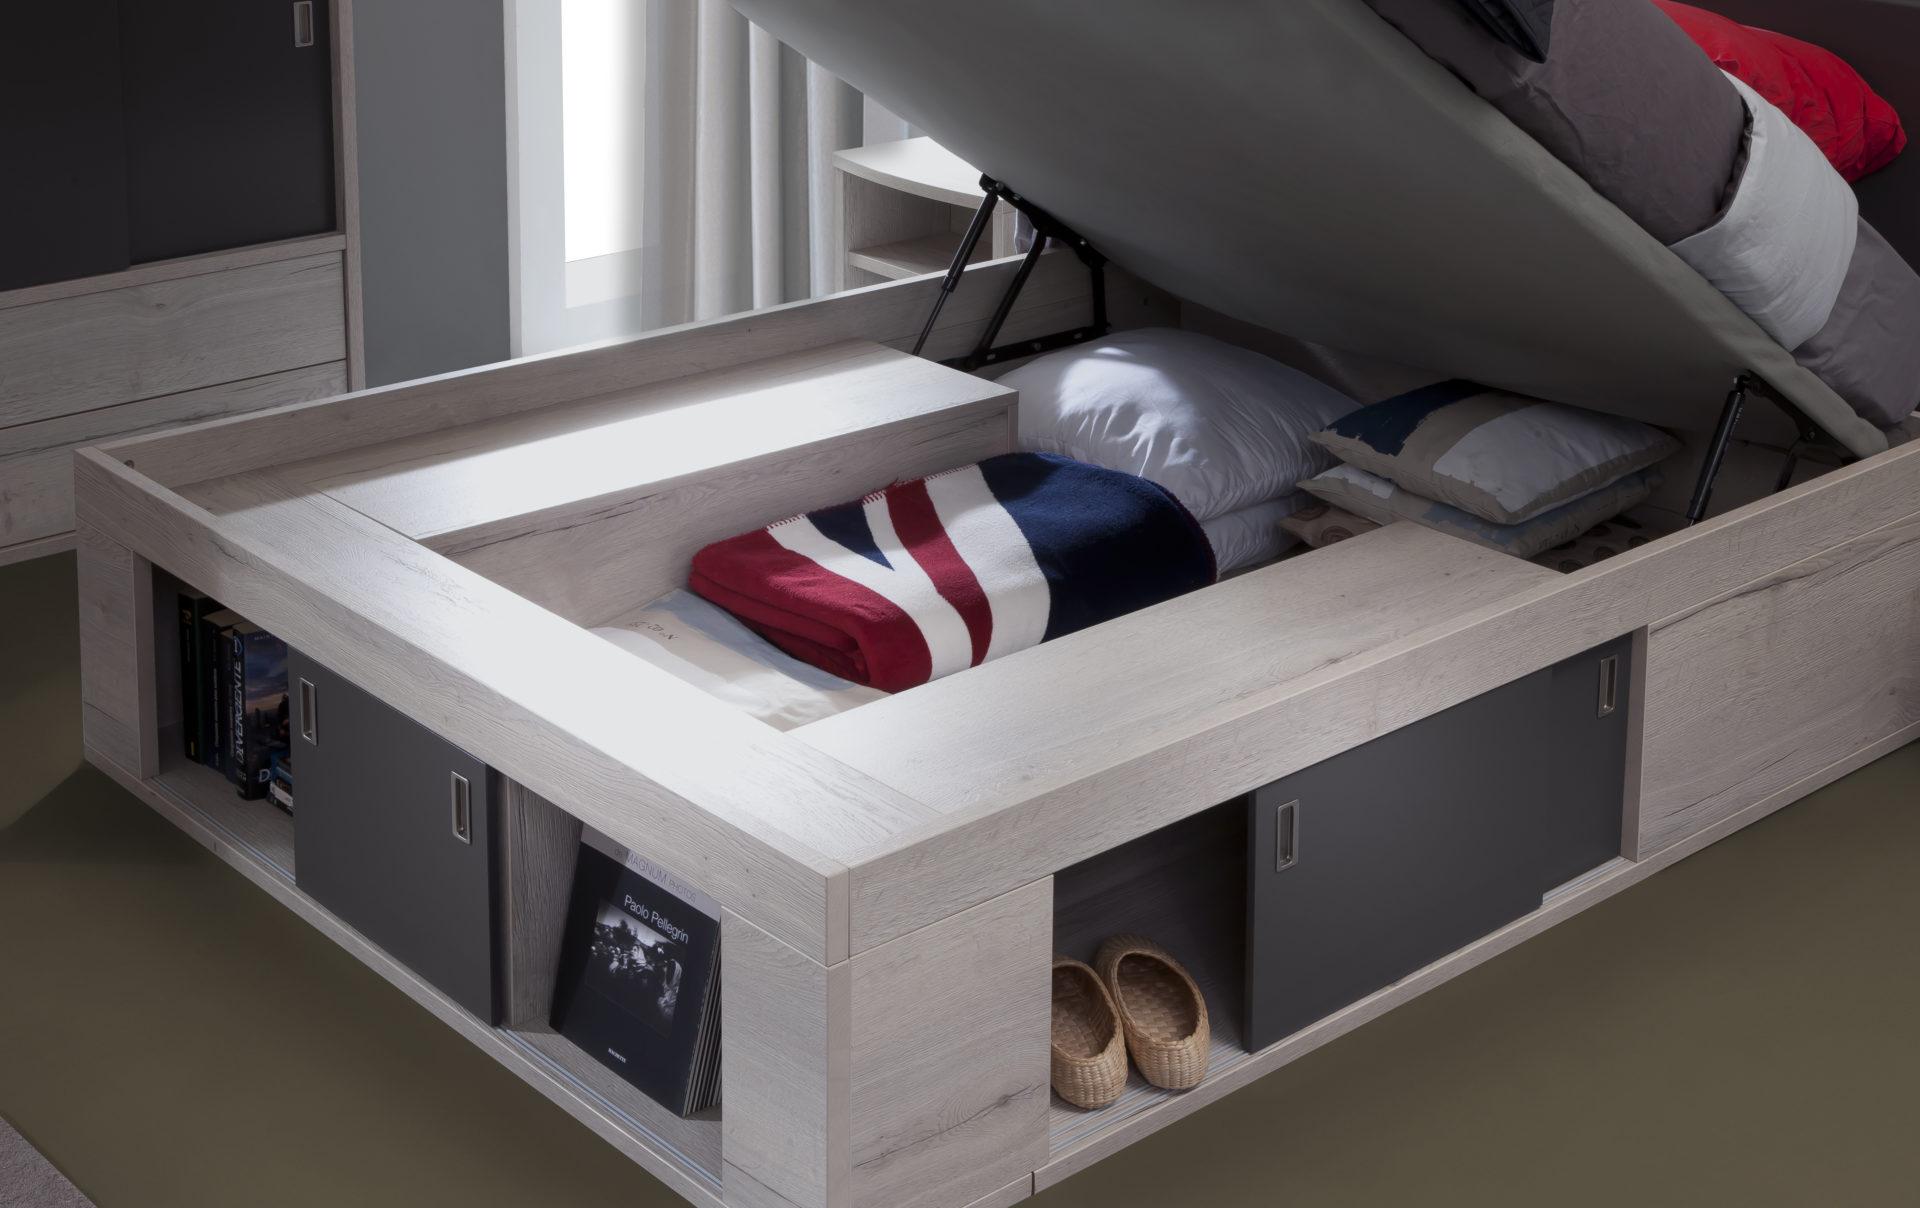 coffre de lit zodiaque avec sommier relevable ch ne tabac laque perle 140x190 meubles minet. Black Bedroom Furniture Sets. Home Design Ideas